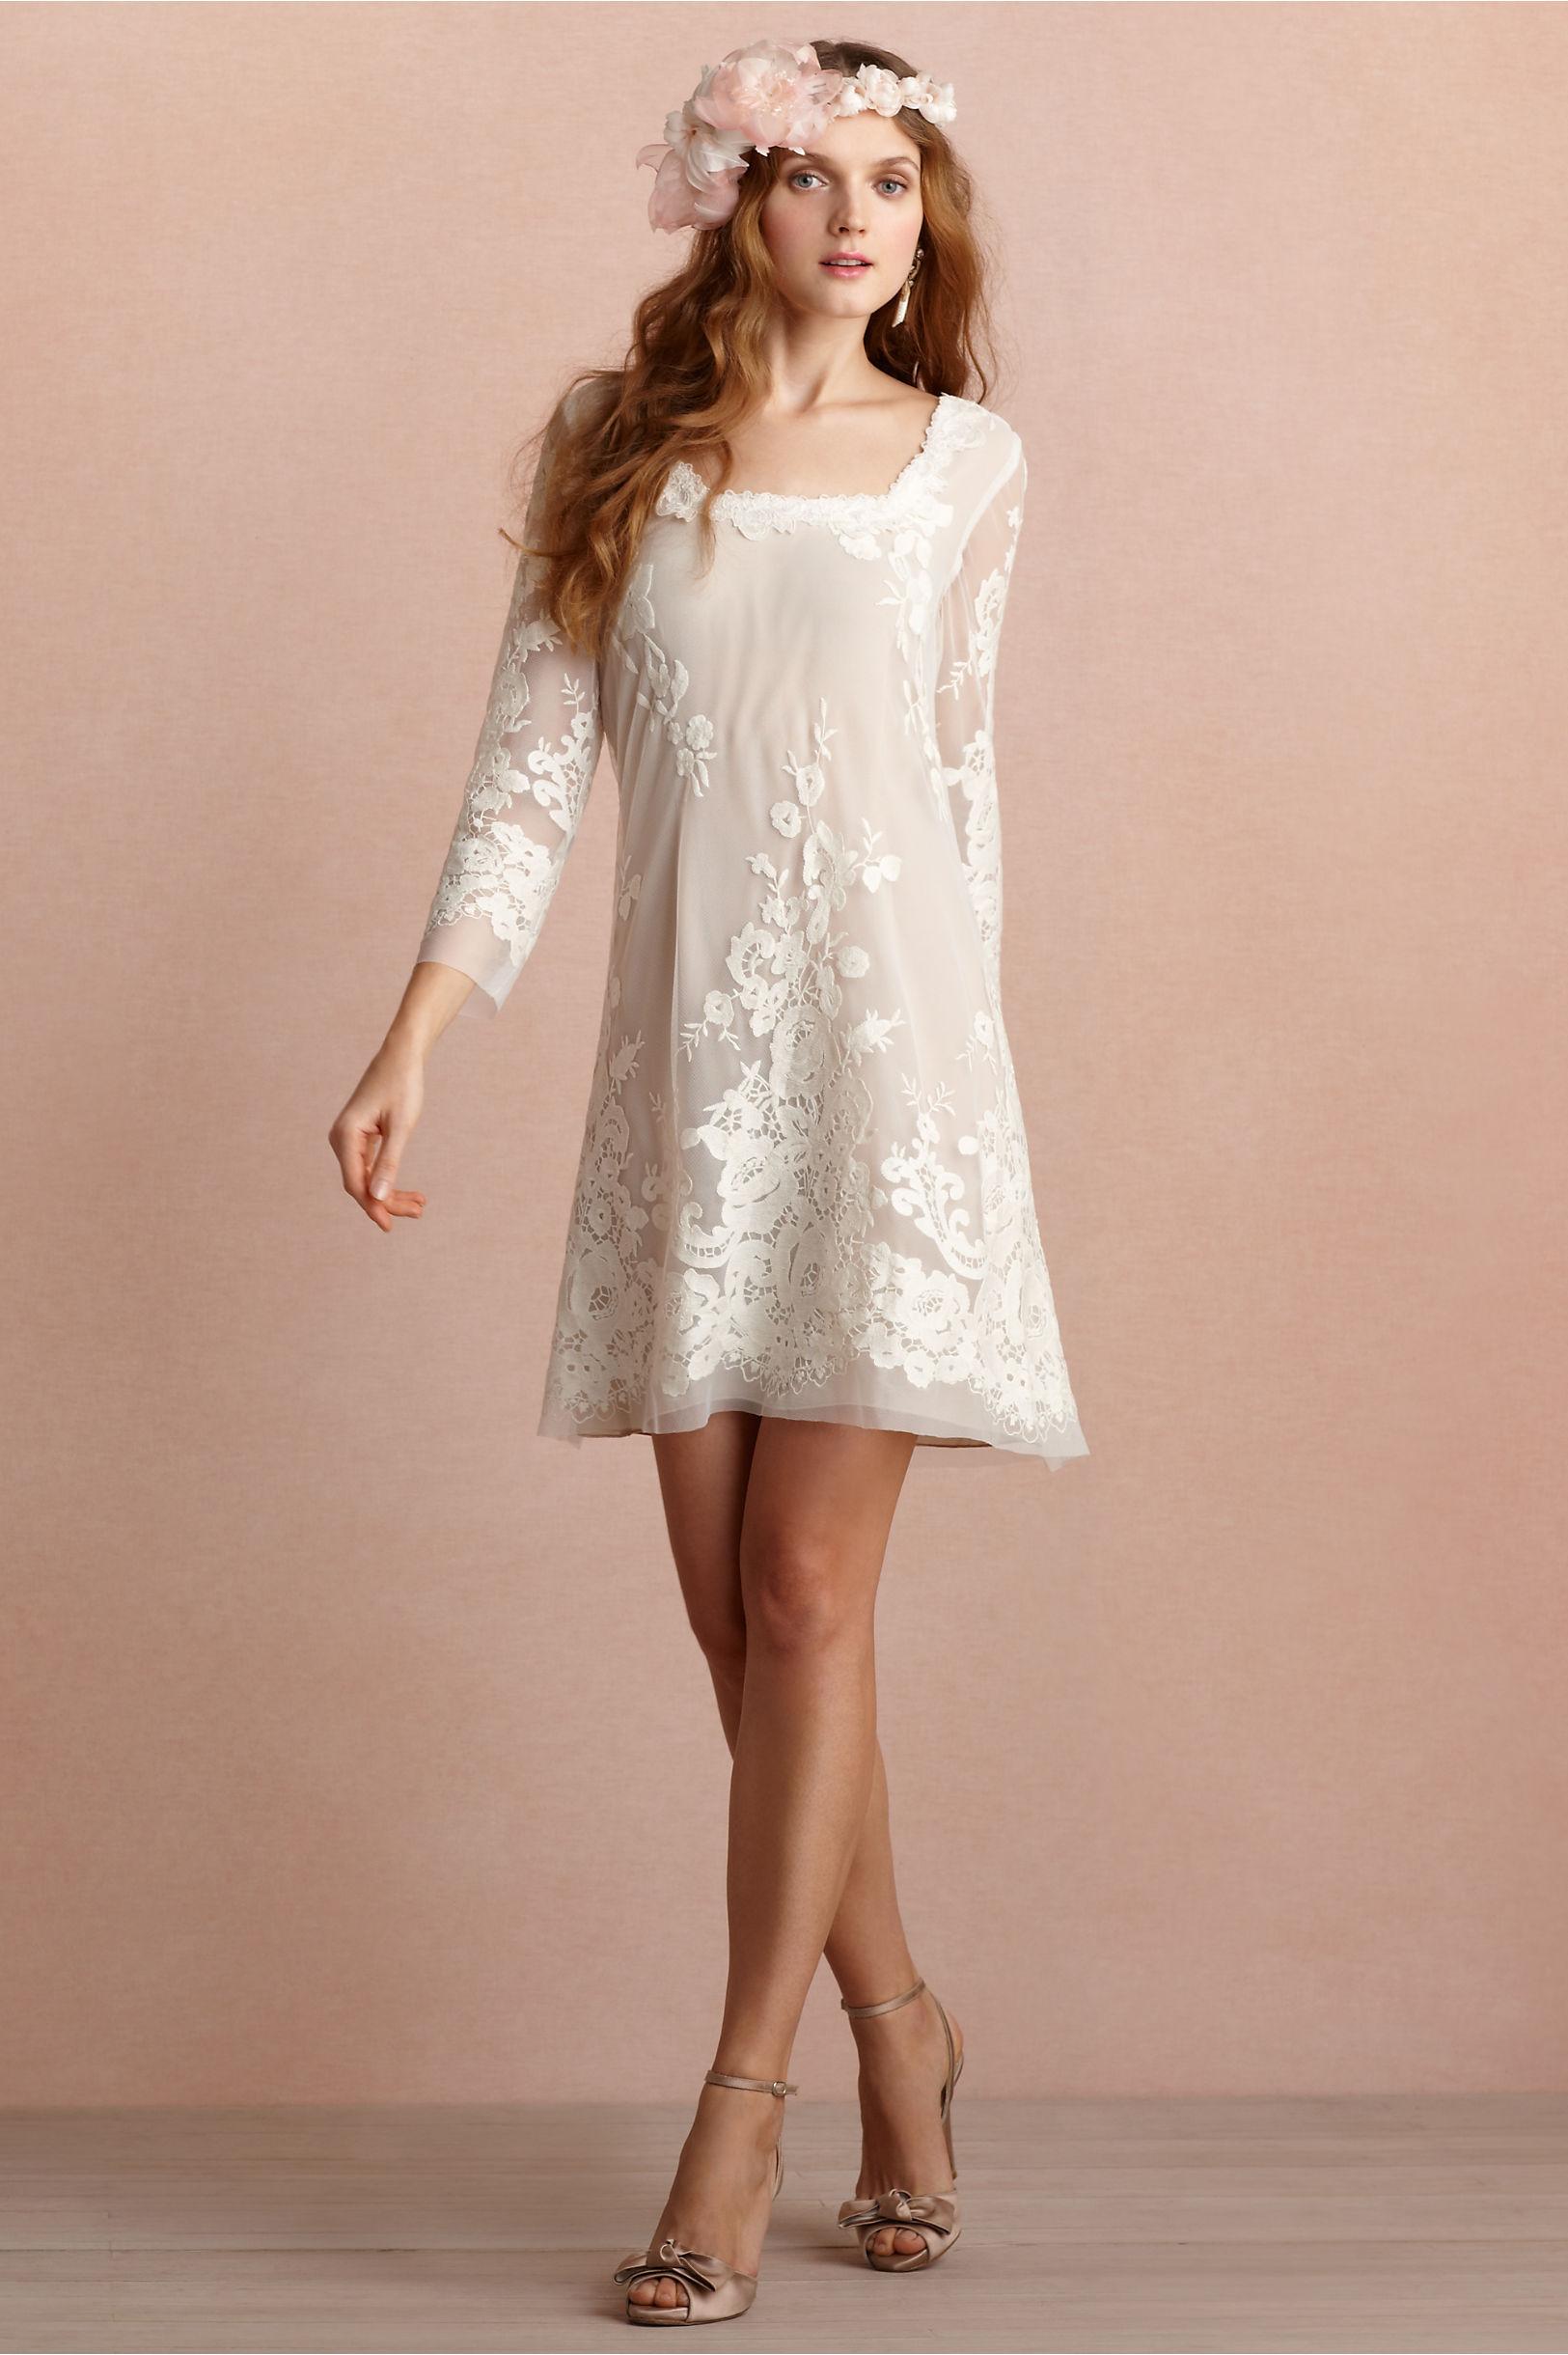 sukienka suknia ślubna BOHO romantyczna kwiatowa trendy ślubne 2013